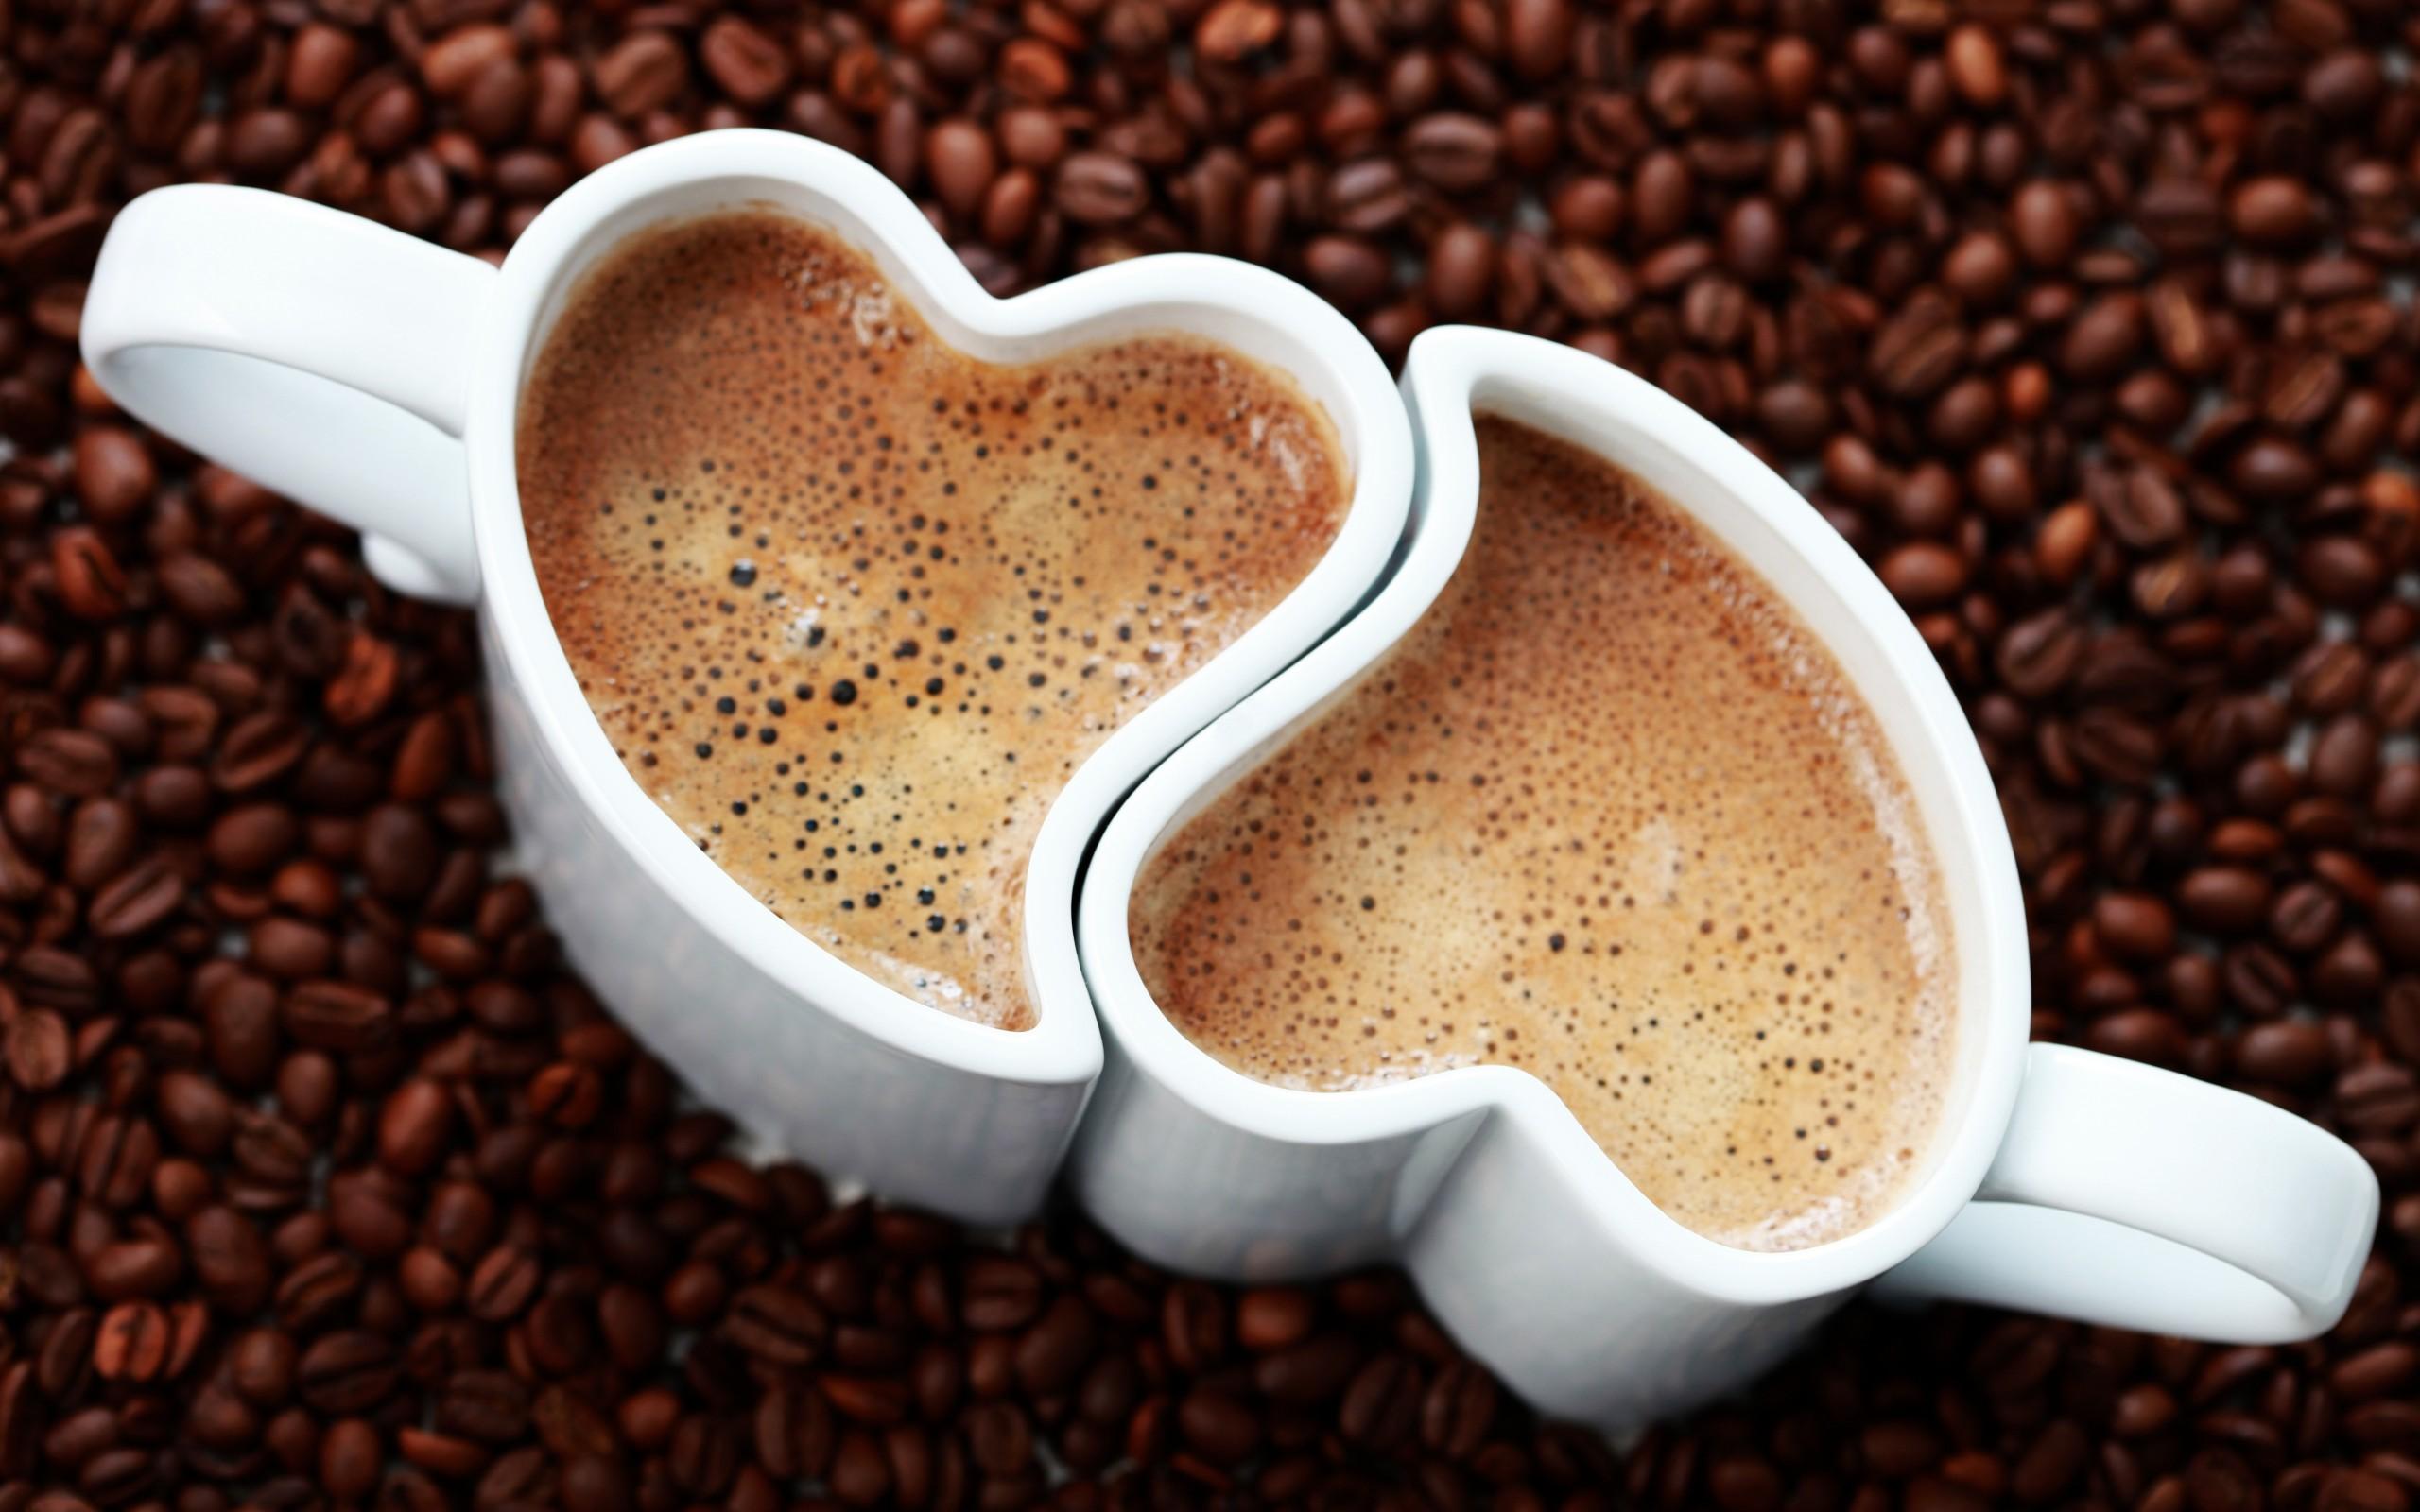 NGUYEN CHAT COFFE luôn cung cấp các sản phẩm cà phê chất lượng tốt nhất.